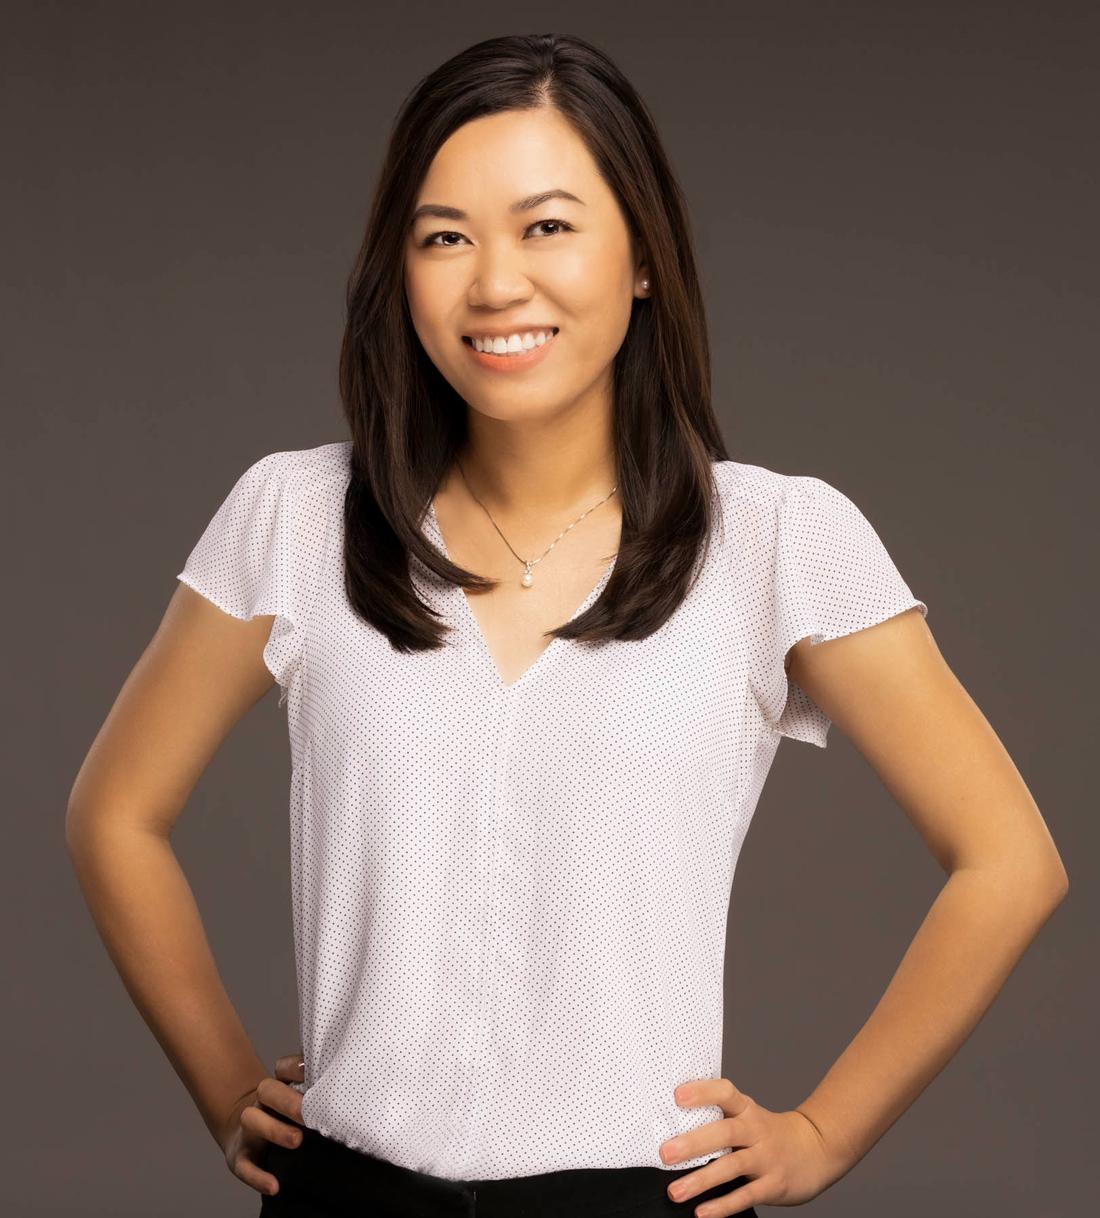 Dr. Ly Huynh